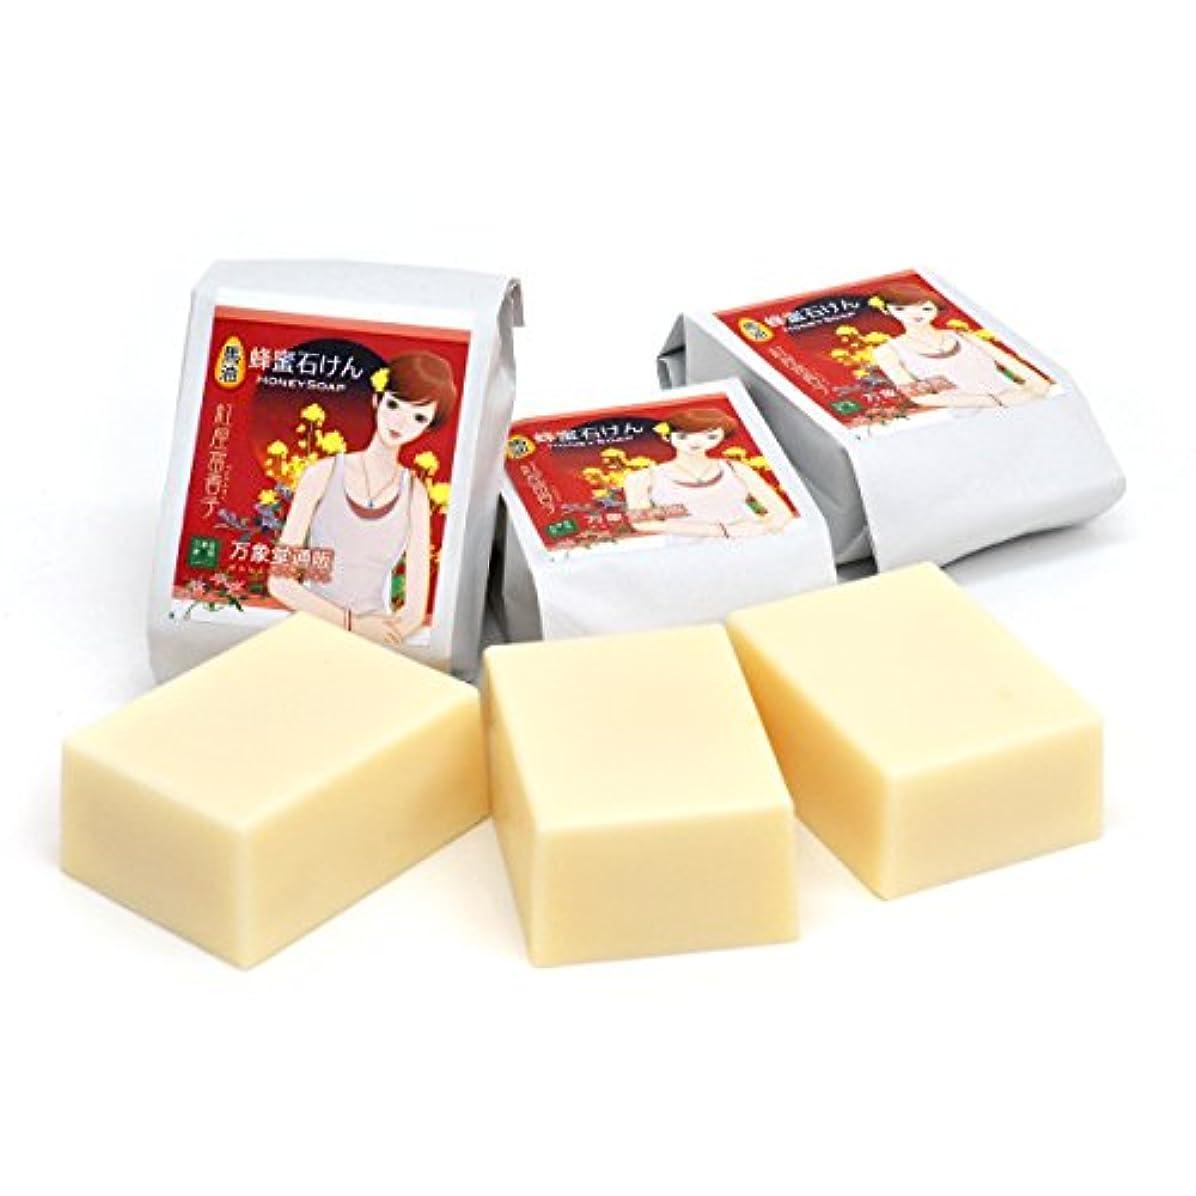 アウトドア和スリチンモイ森羅万象堂 馬油石鹸 90g×3個 (国産)熊本県産 国産蜂蜜配合